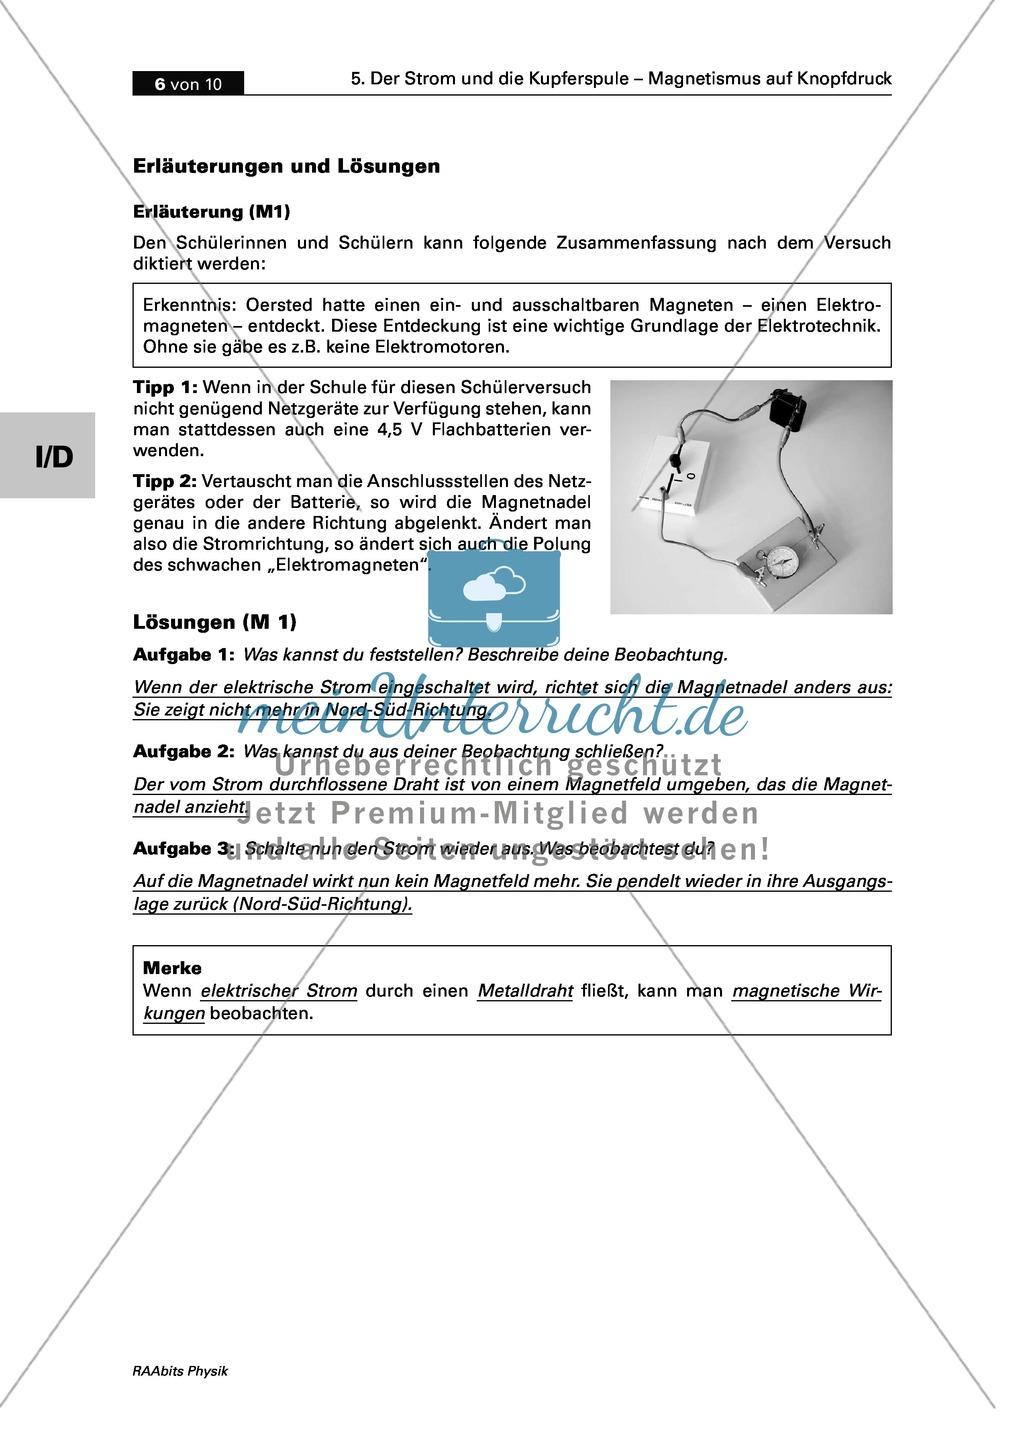 Der Strom und die Kupferspule: Der Versuch von Oersted + die magnetische Wirkung des elektrischen Stroms Preview 2